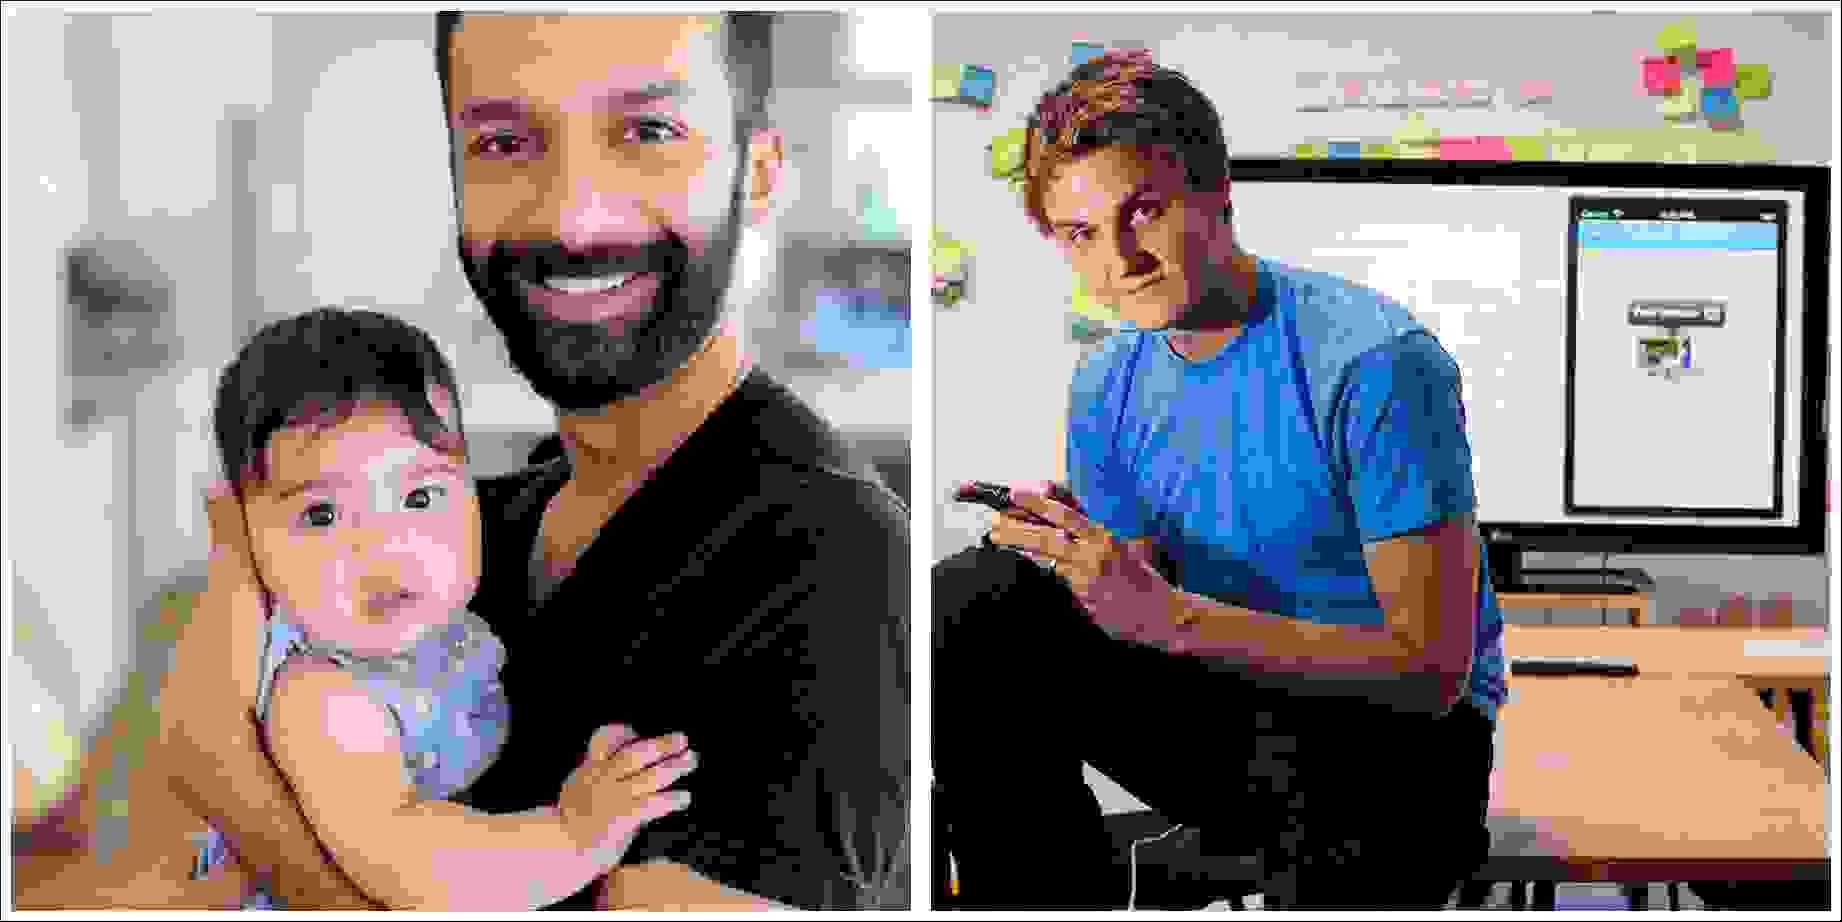 مؤسسي تطبيق كلوب هاوس: على اليمين رجل الأعمال بول دافيسون (Paul Davison) وعلى اليسار روهان سيث (Rohan Seth)